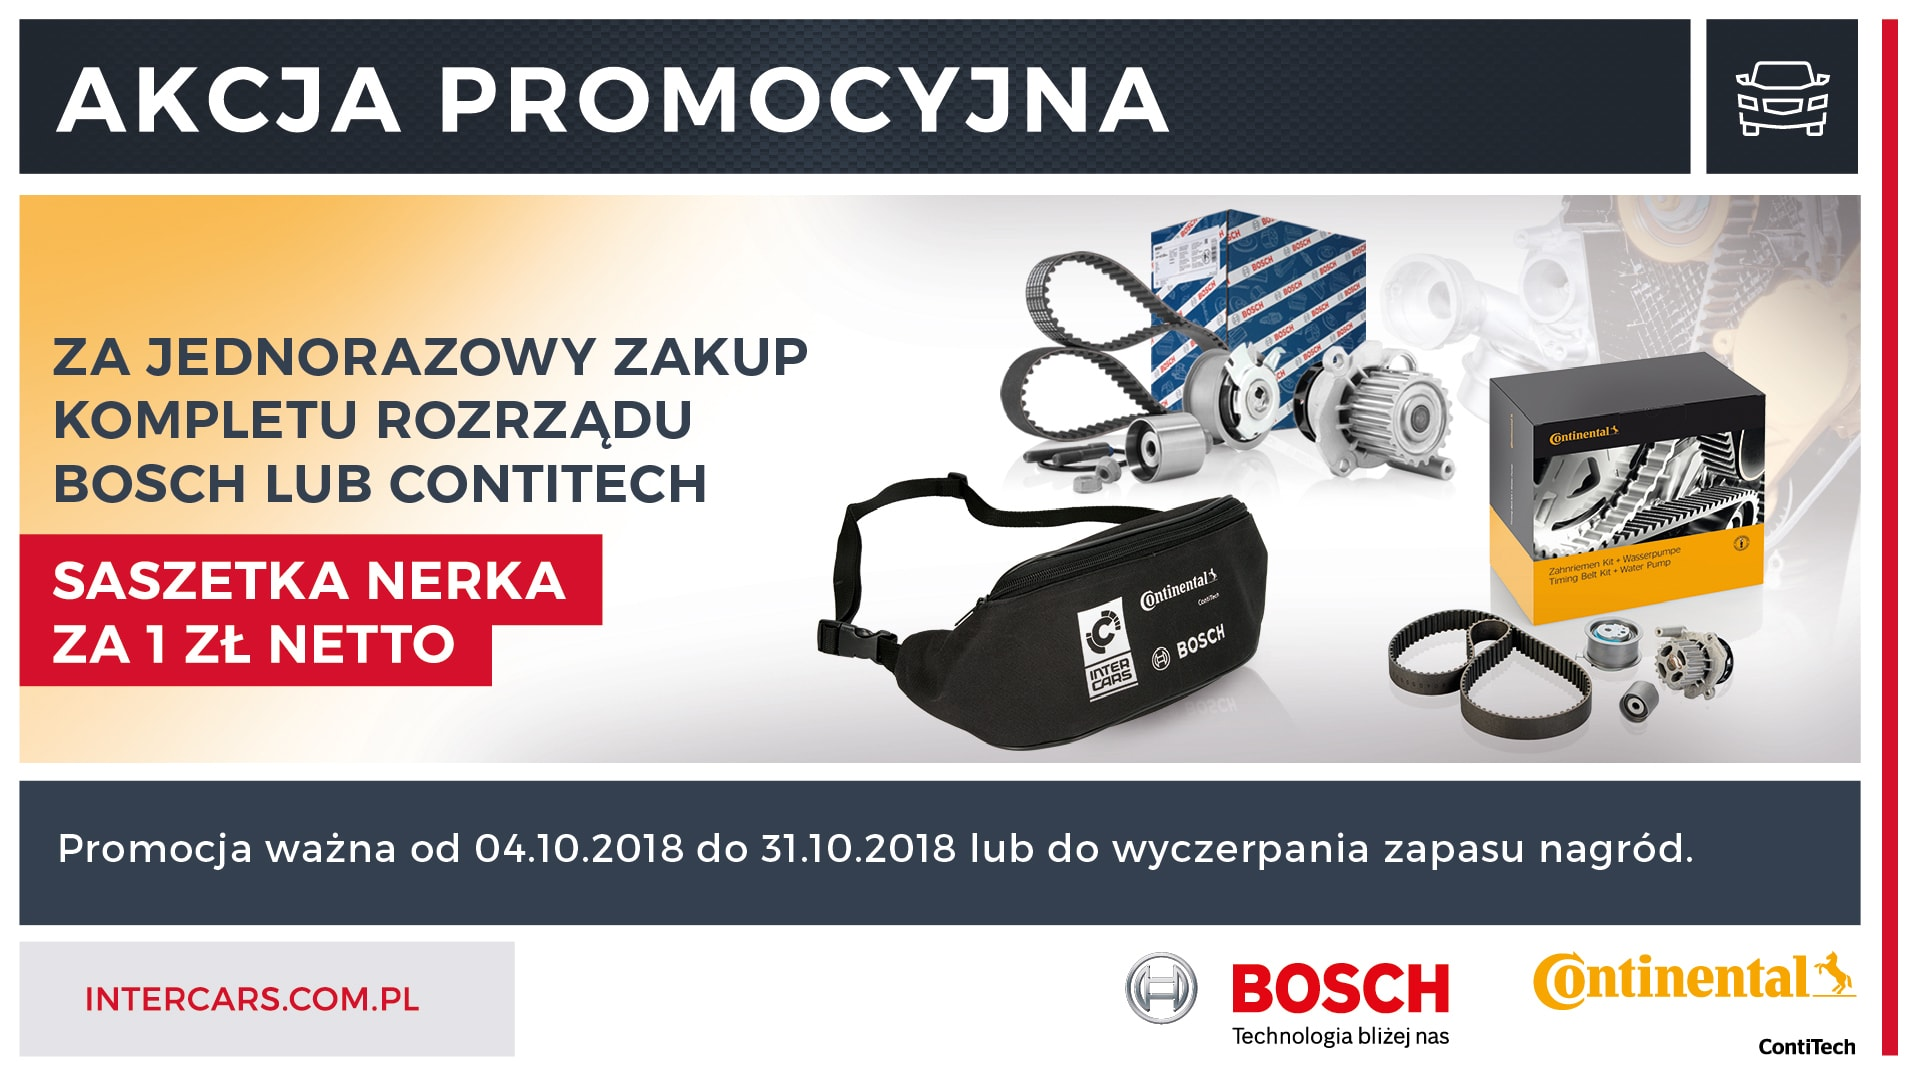 promocja_rozrzad_bosch_contitech_saszetka_1920x1080_newsletter.jpg